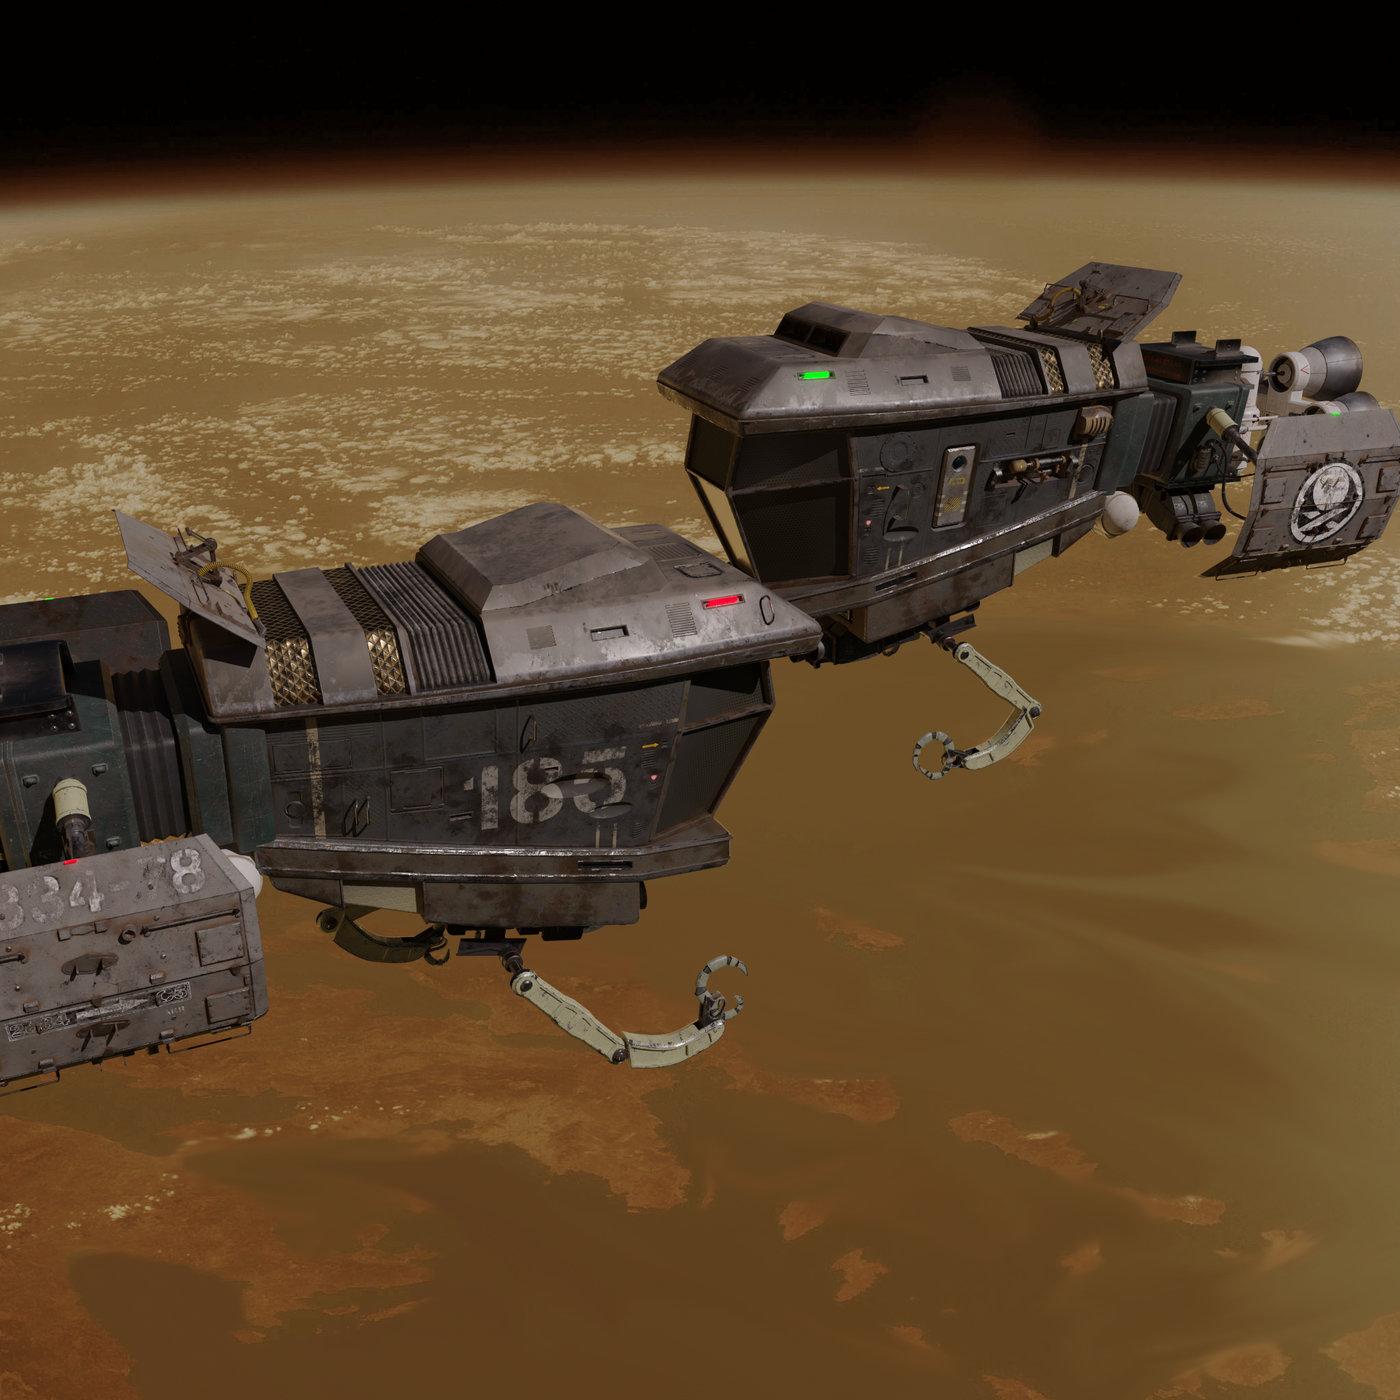 Dune Pirate Spaceships